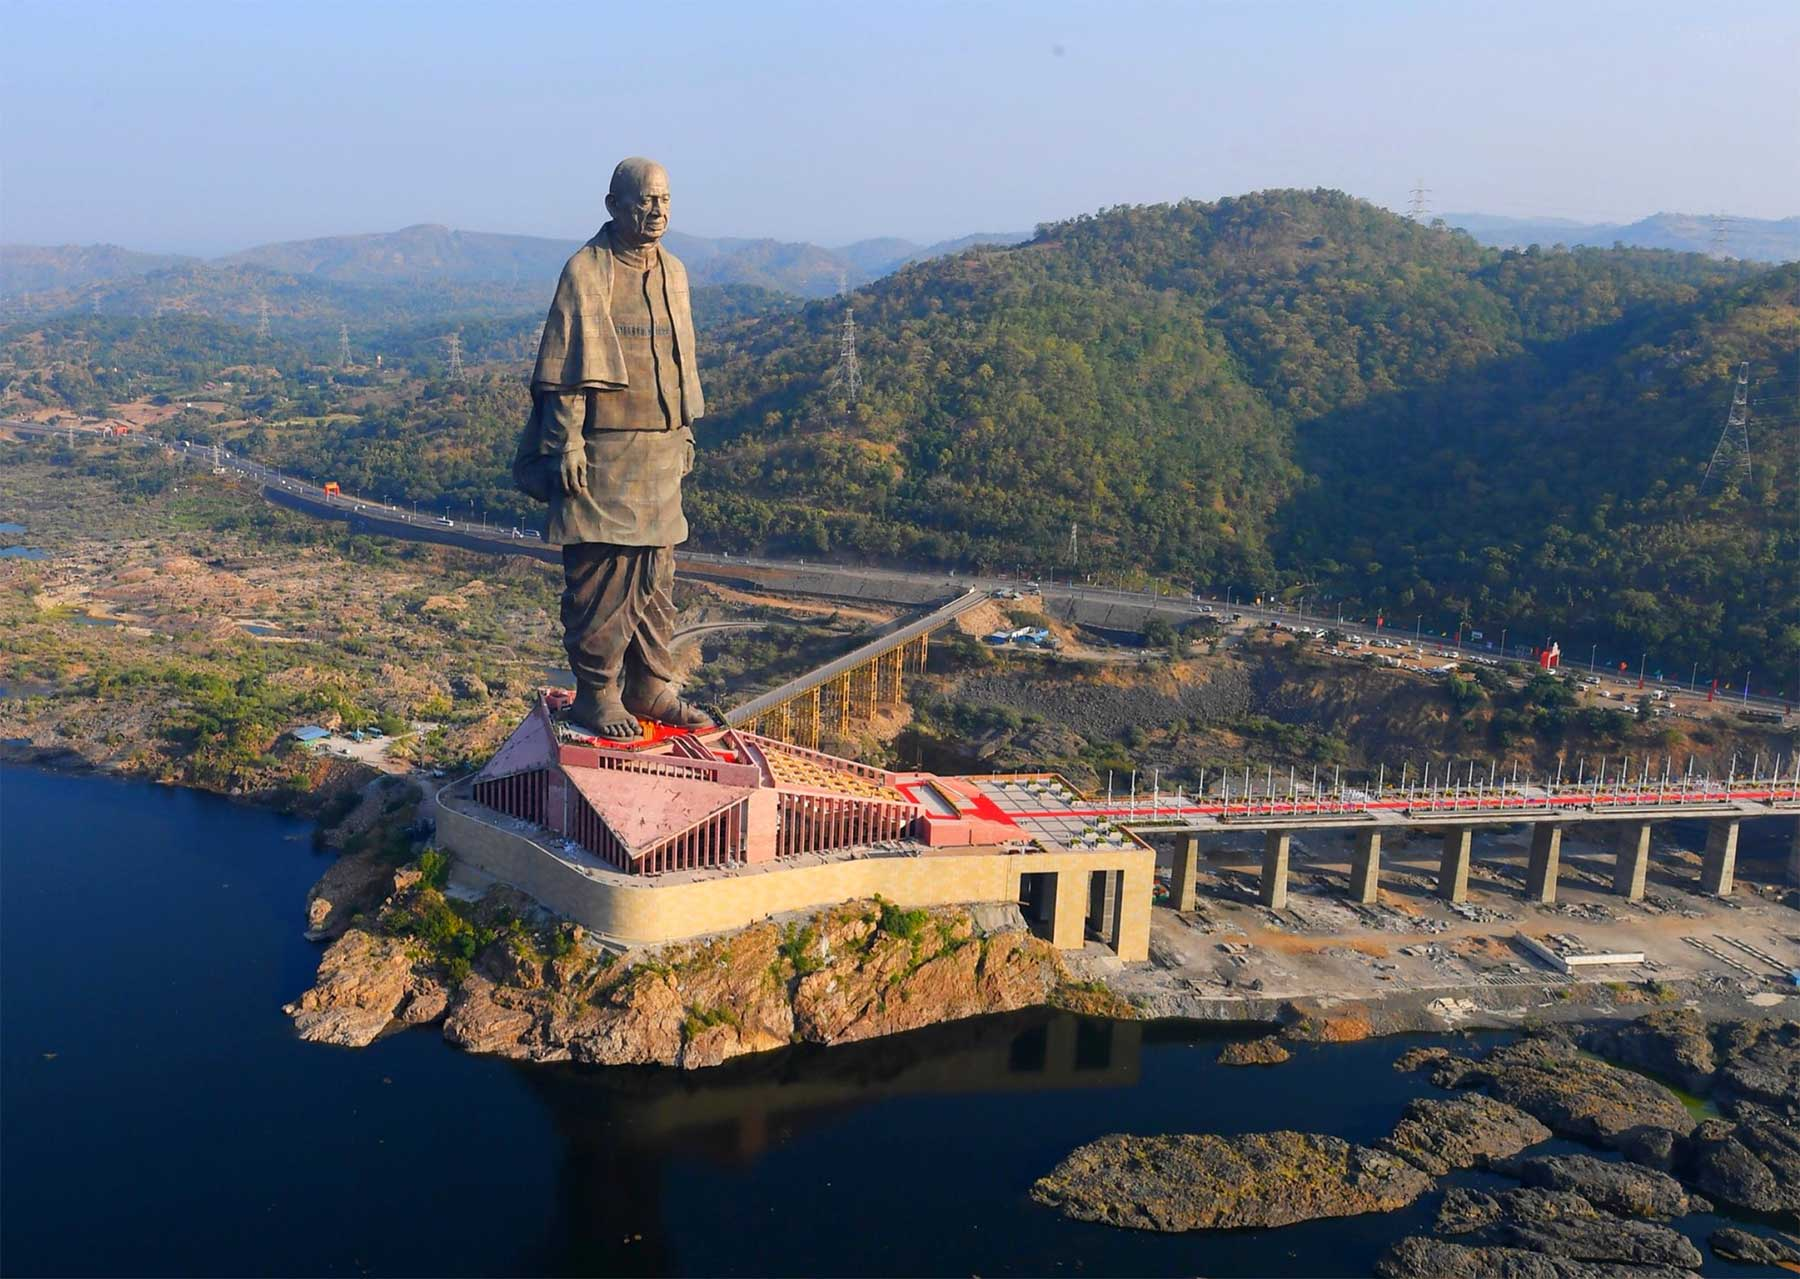 In Indien steht jetzt die größte Statue der Welt